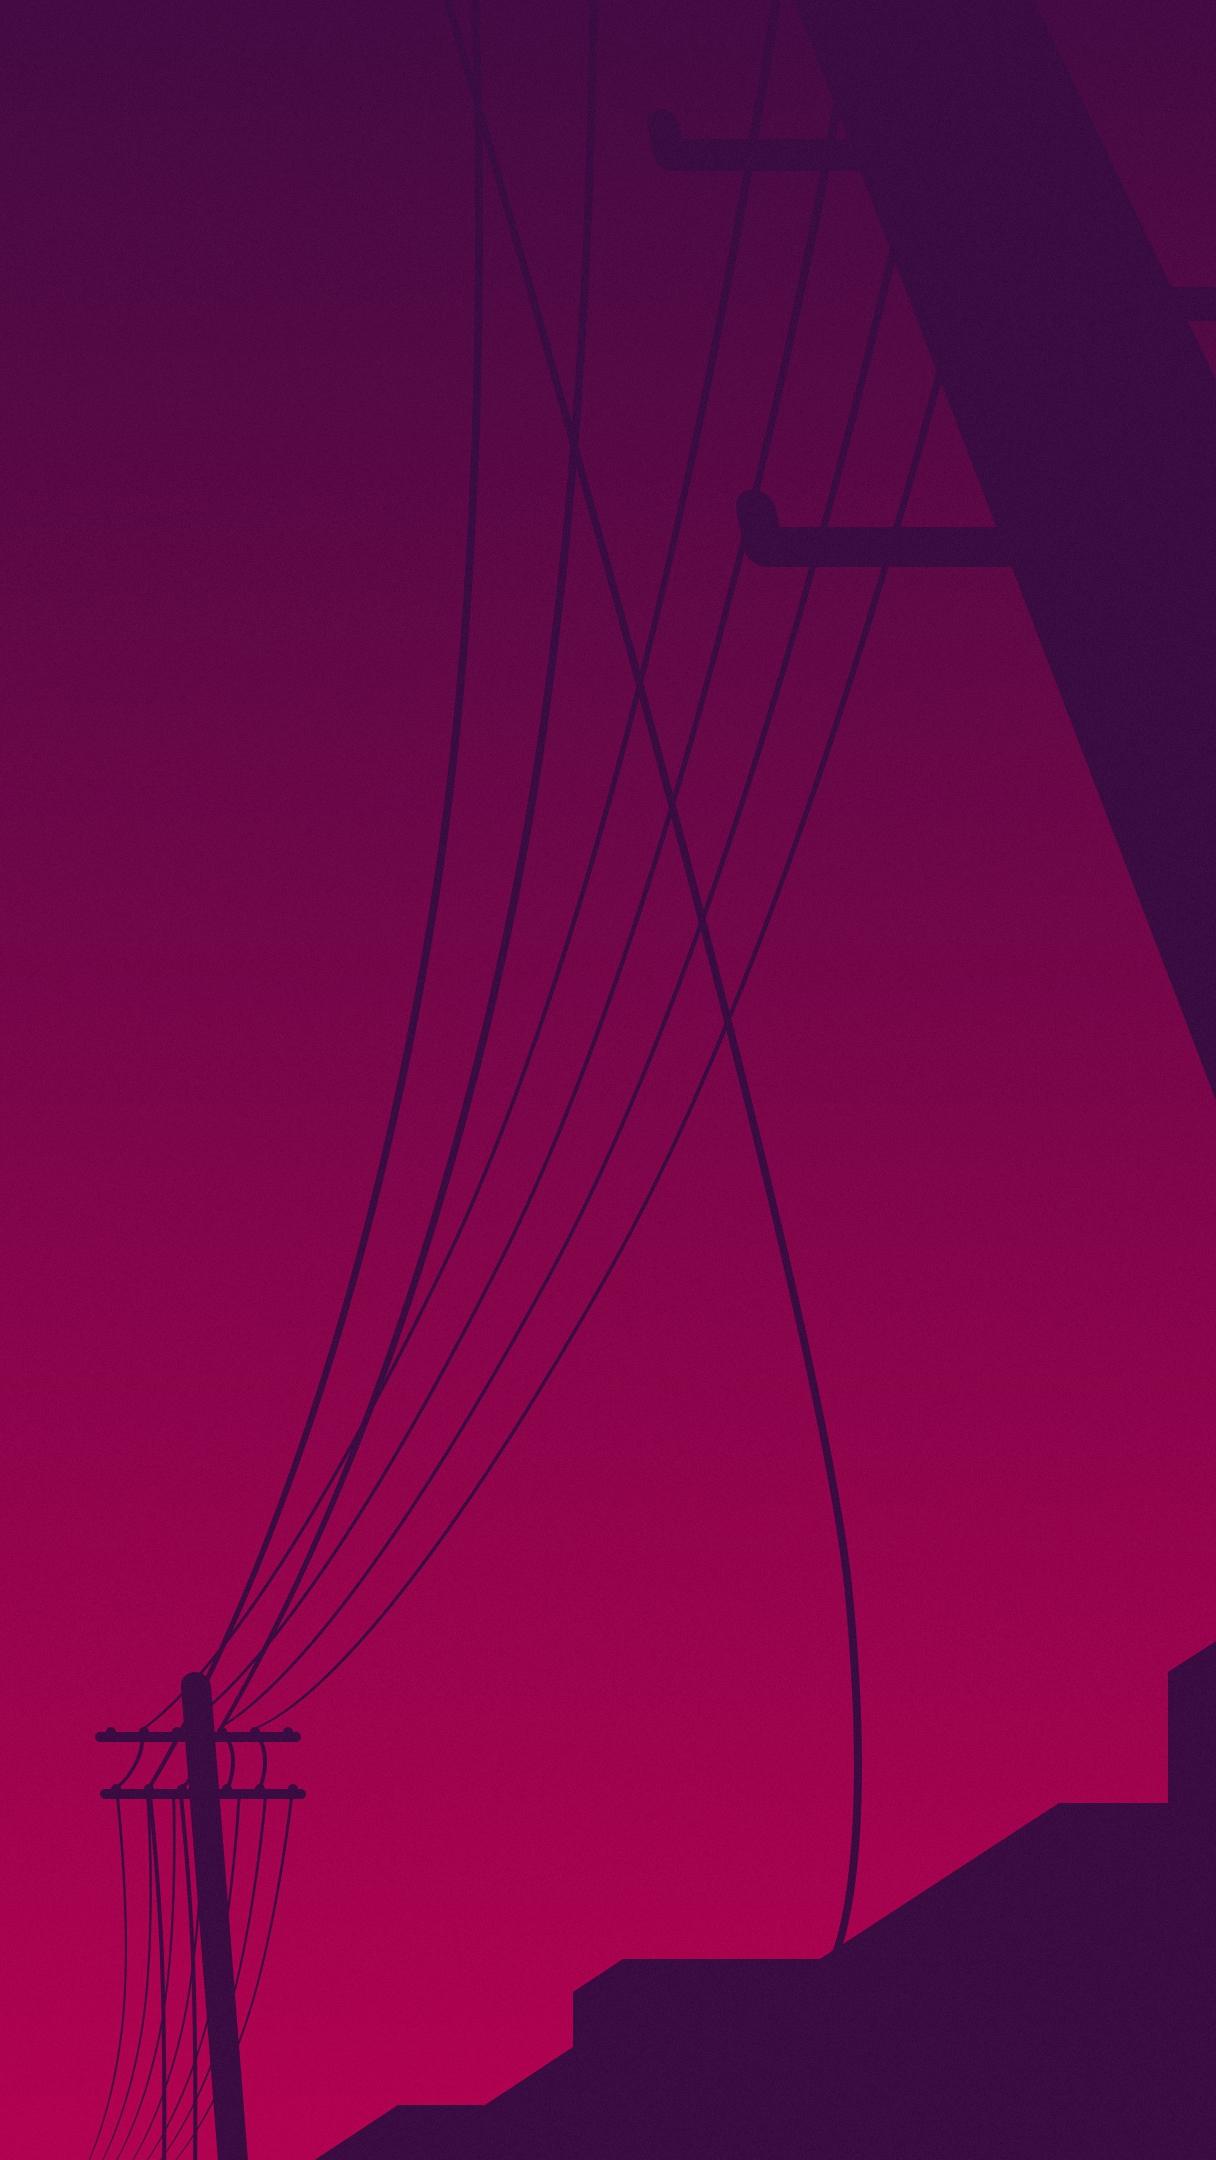 Purple Sky Towers iPhone Wallpaper iphoneswallpapers com